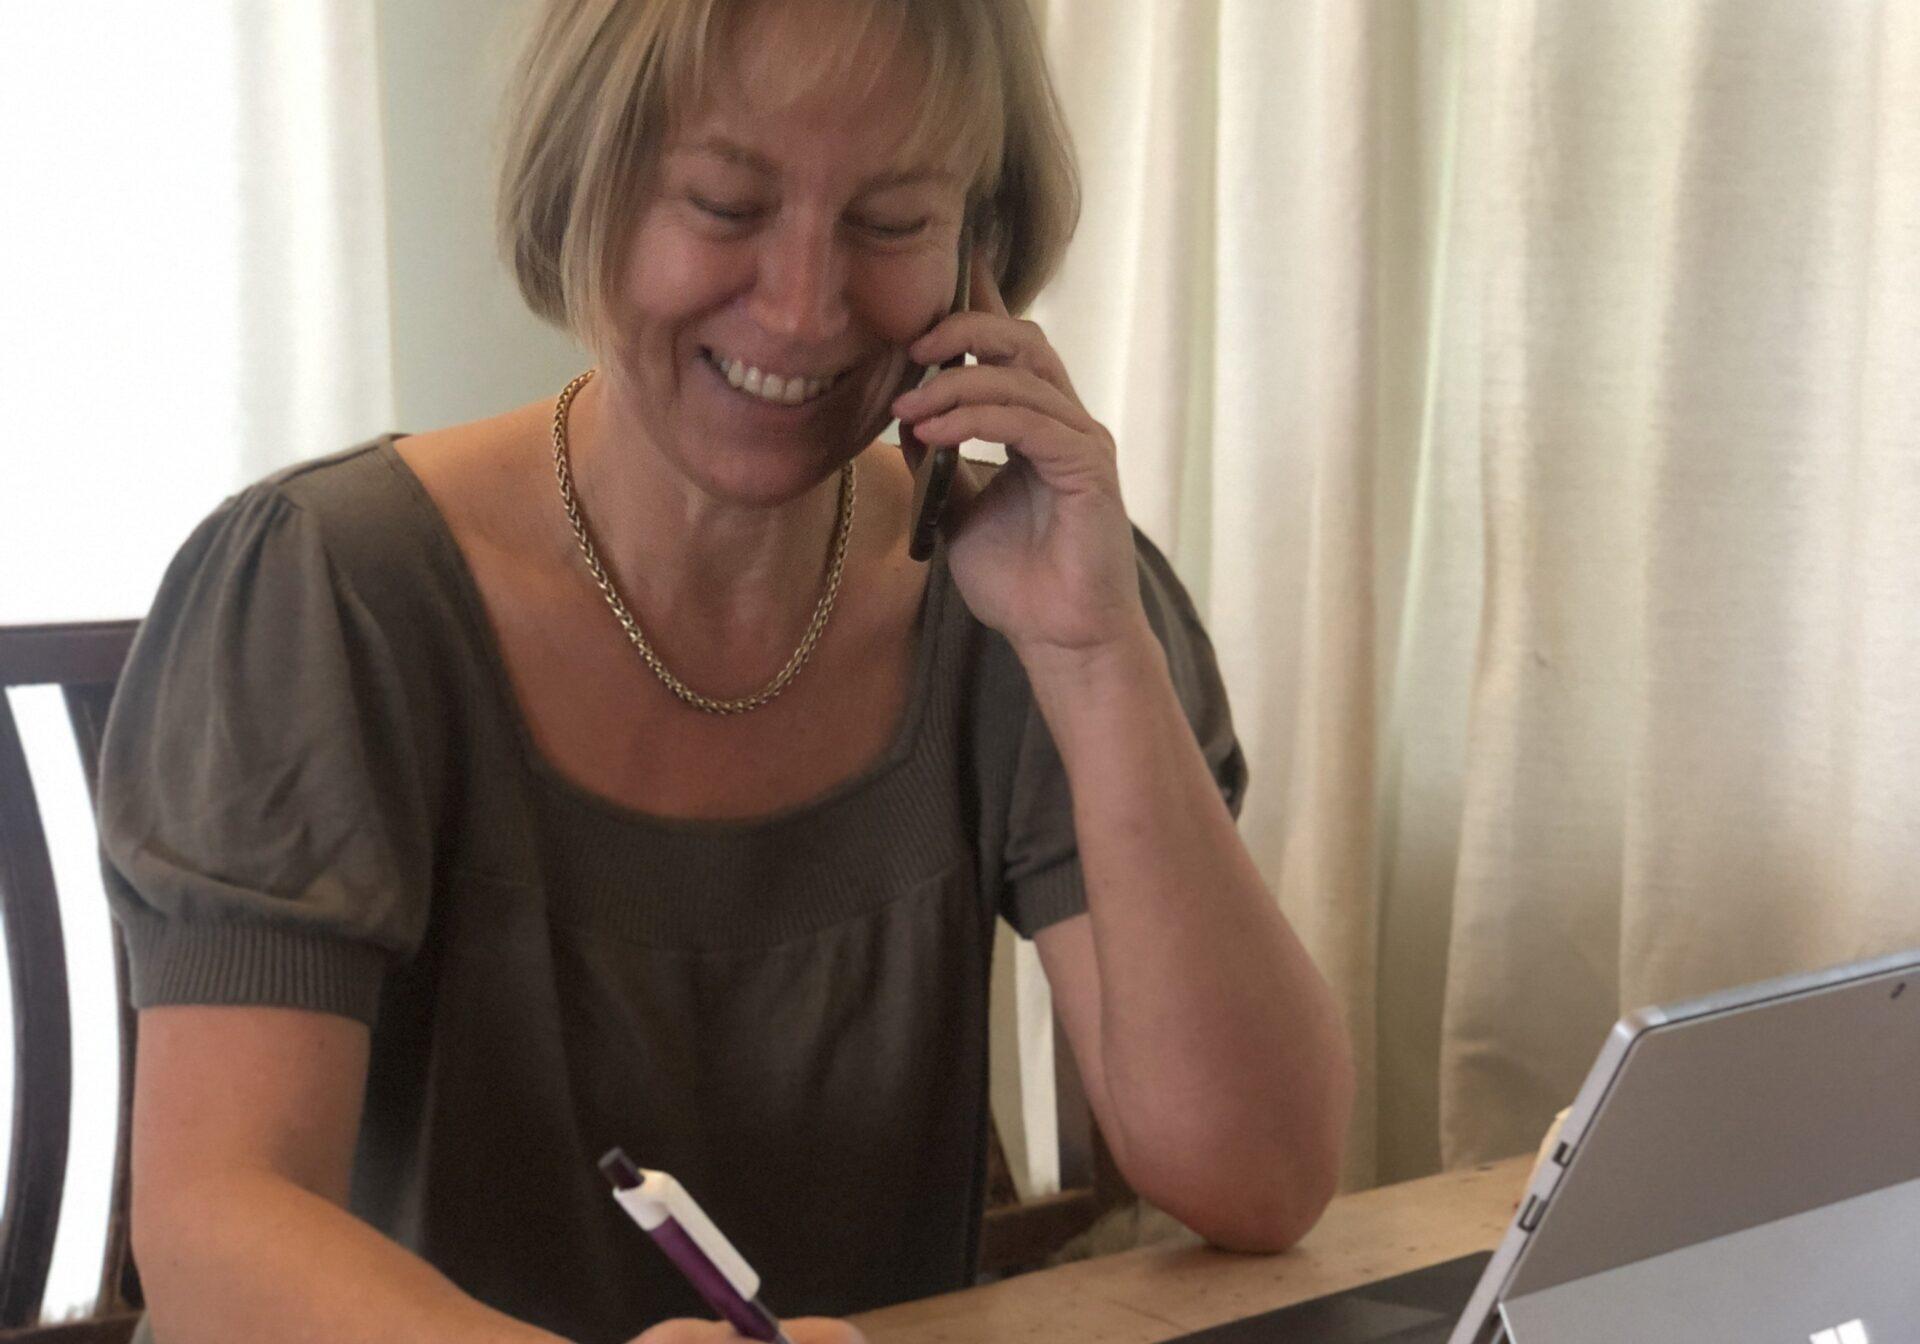 Iris Zitta im Büro bei der persönlichen Beratung per Telefon.